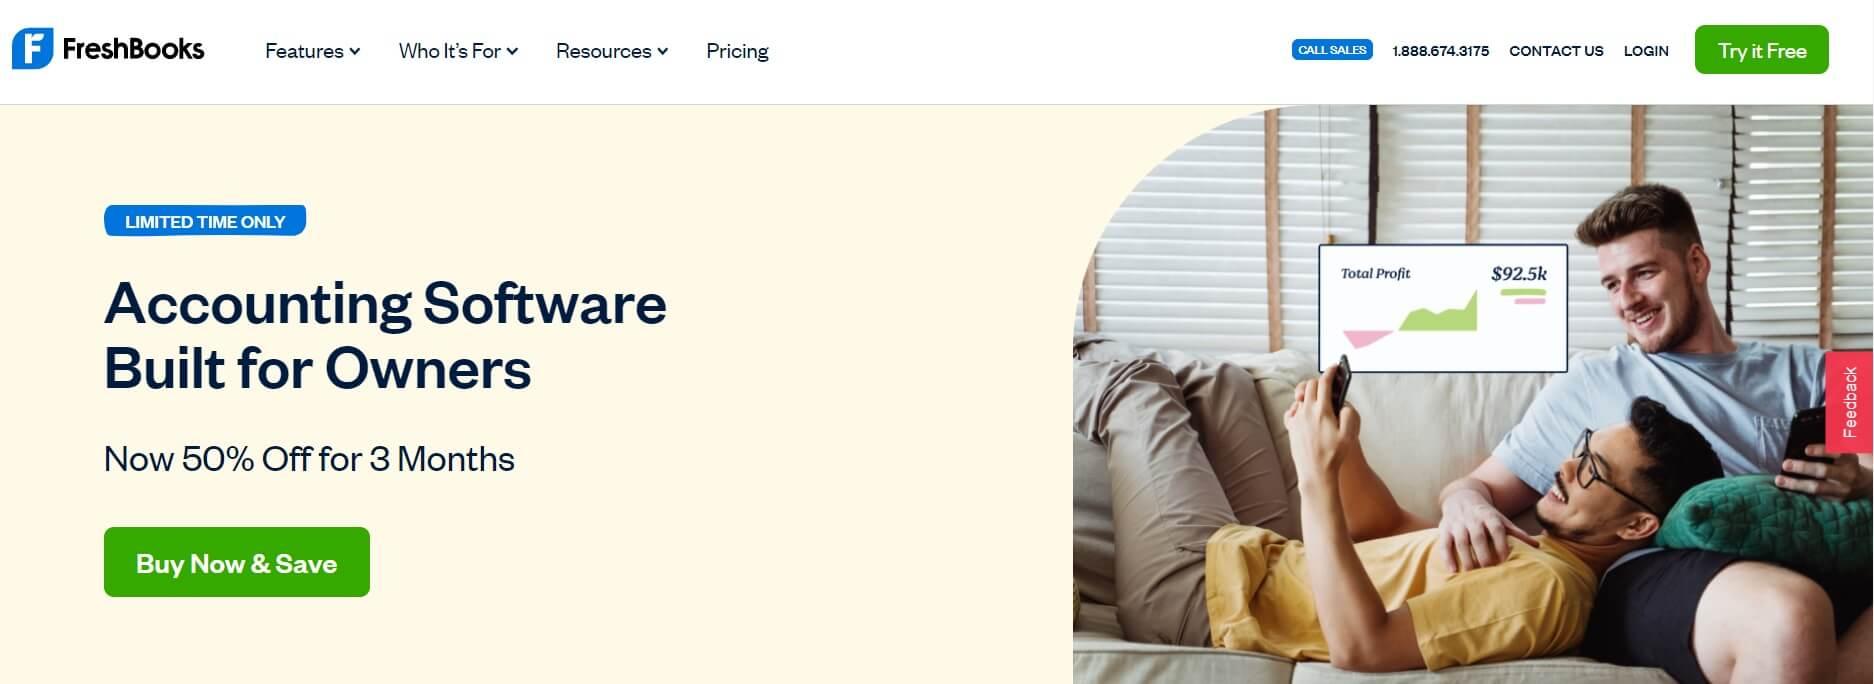 A screenshot of the Freshbooks homepage